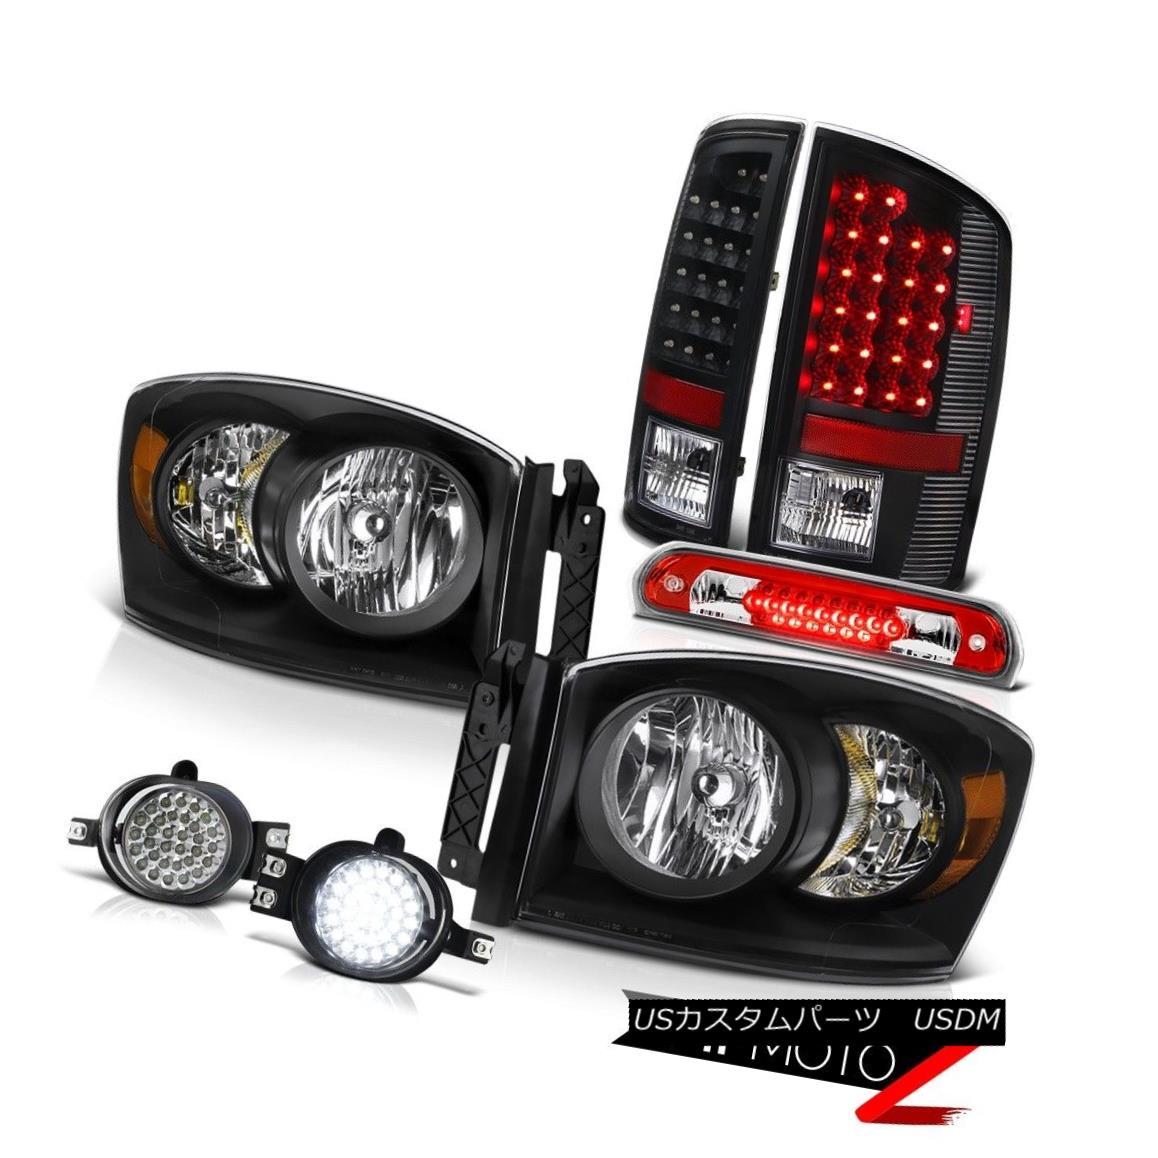 テールライト 2007-2008 Ram Headlights Black Brake LED Tail Lights Trim Foglights 3rd Red 2007-2008ラムヘッドライトブラックブレーキLEDテールライトトリムフォグライト第3赤